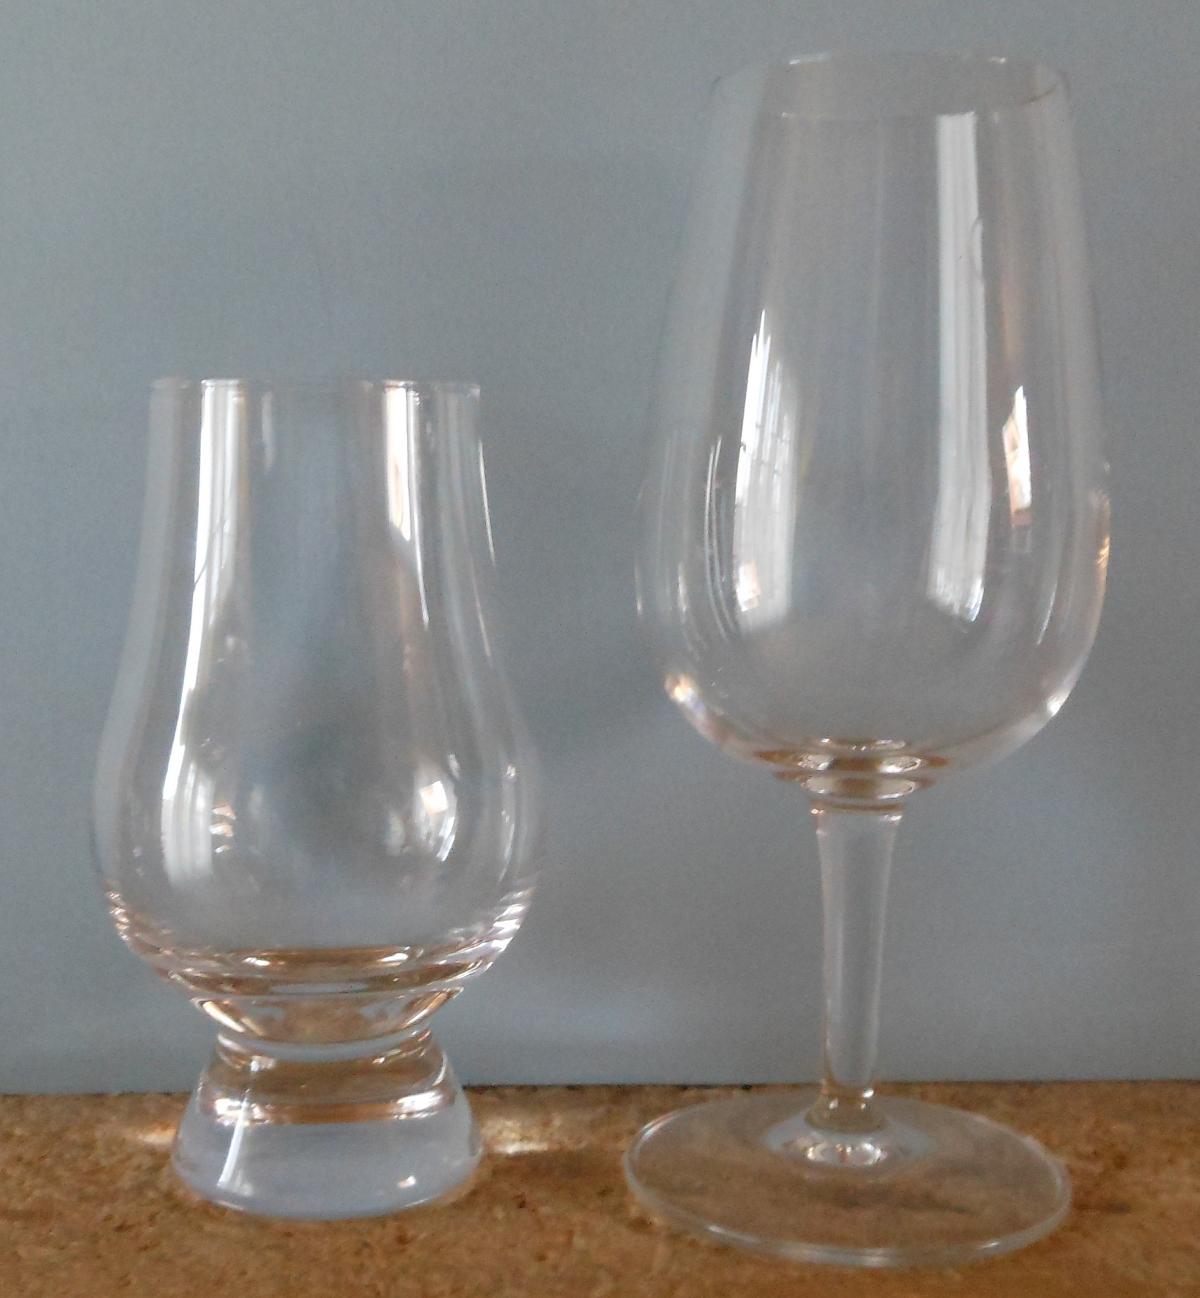 quel verre pour d guster un whisky single malt r ves de whisky. Black Bedroom Furniture Sets. Home Design Ideas